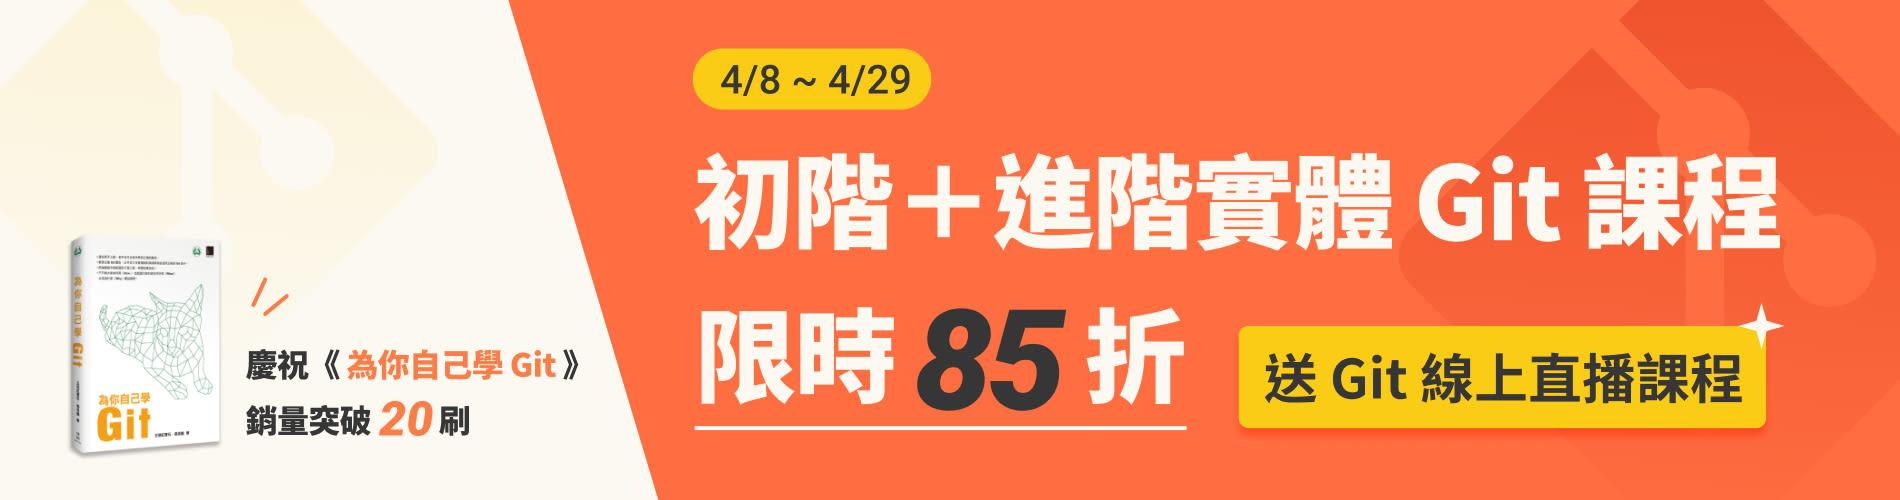 慶祝《為你⾃⼰學 Git 》銷量突破 20 刷。04/08~04/29 內報名,初階 + 進階實體 Git 課程限時 85 折,加送 Git 線上課程